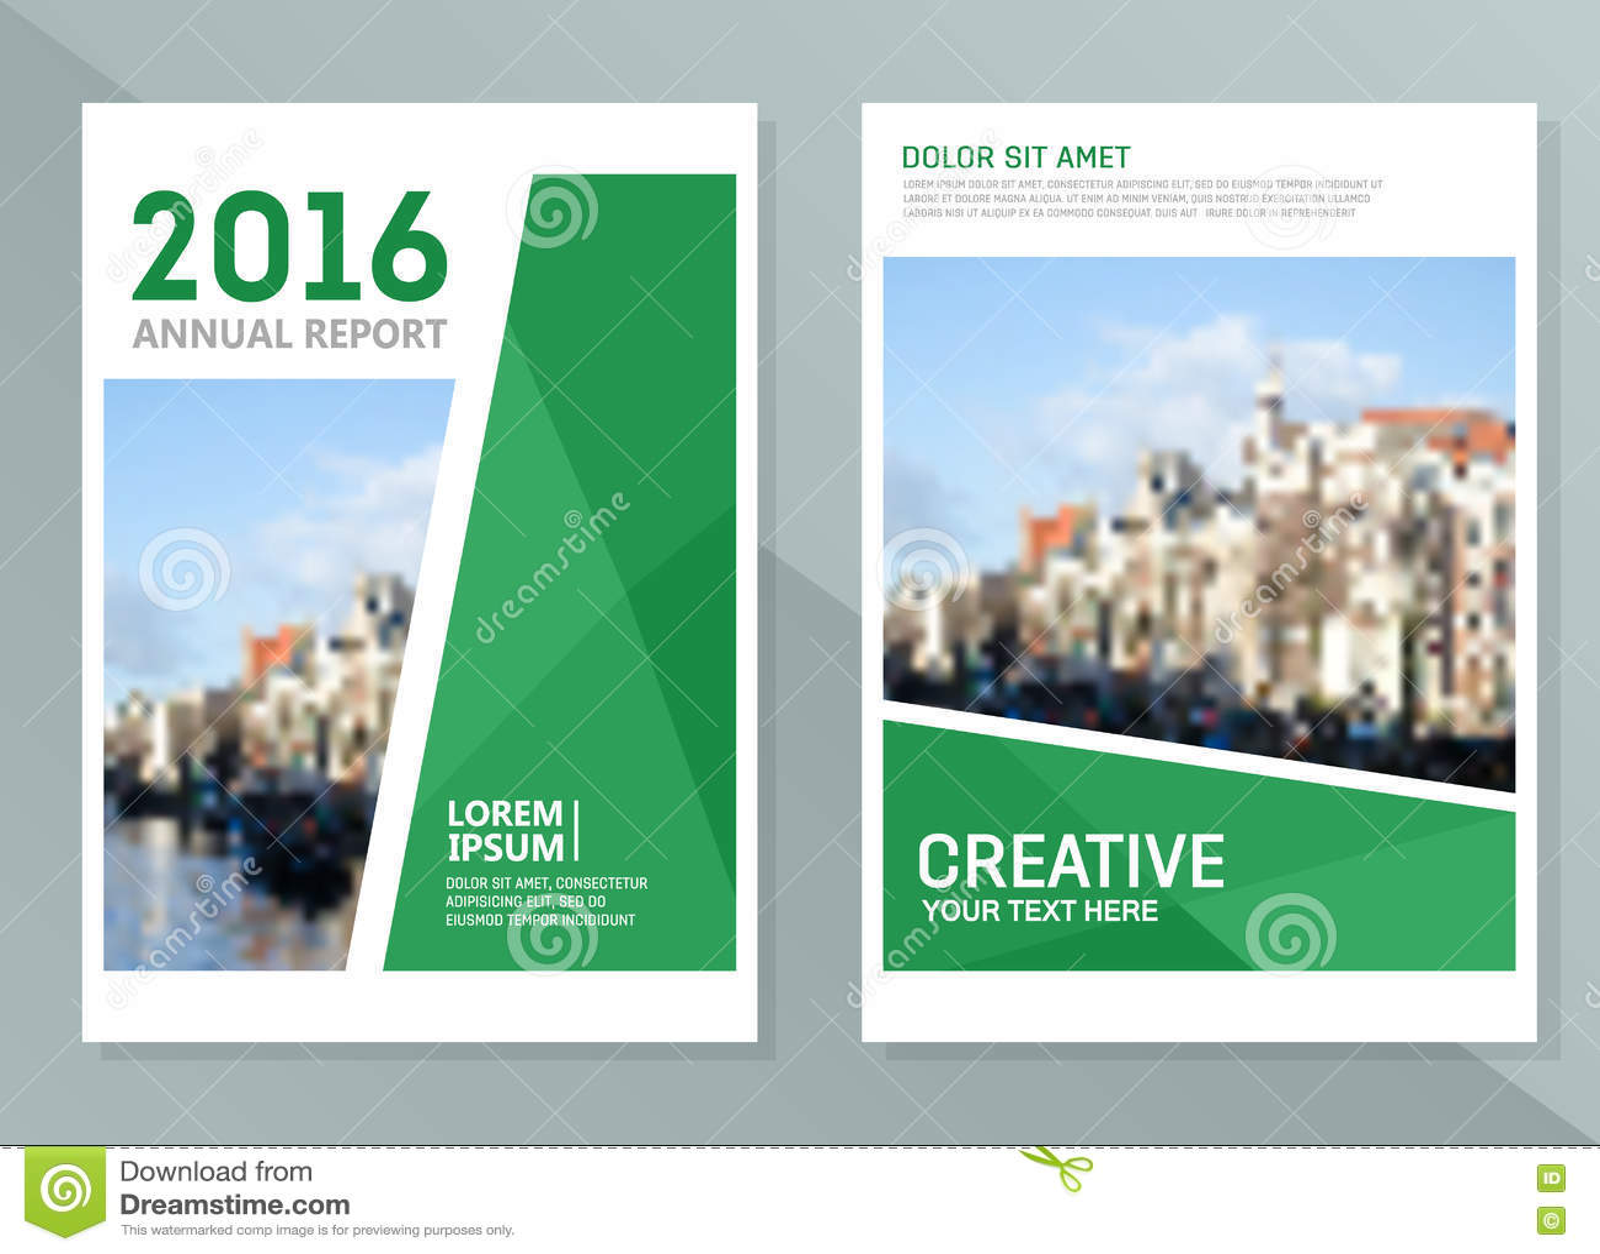 company report design